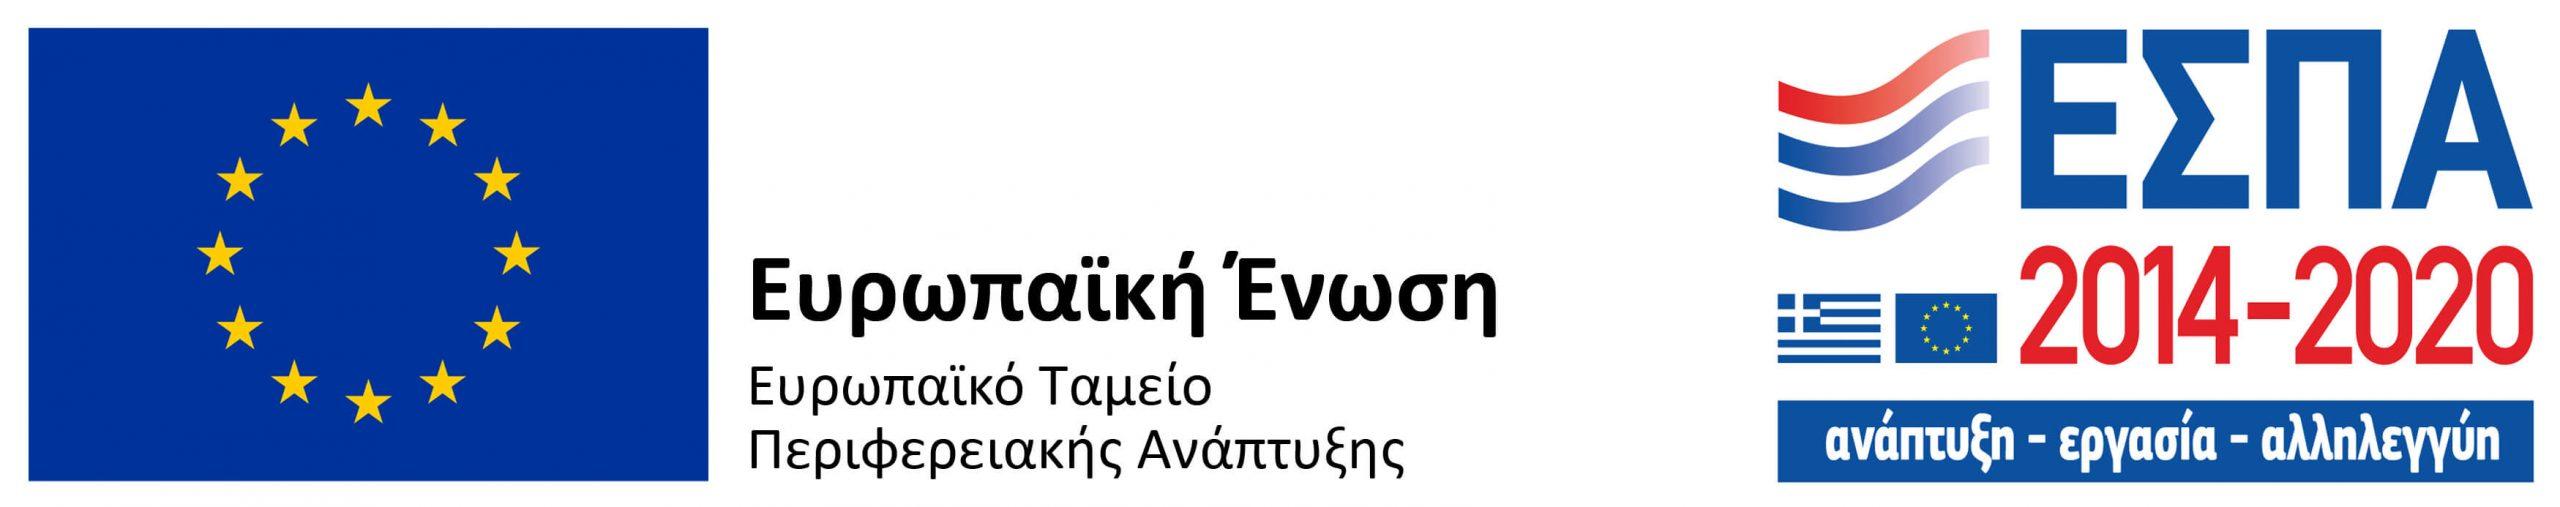 A European Union Banner